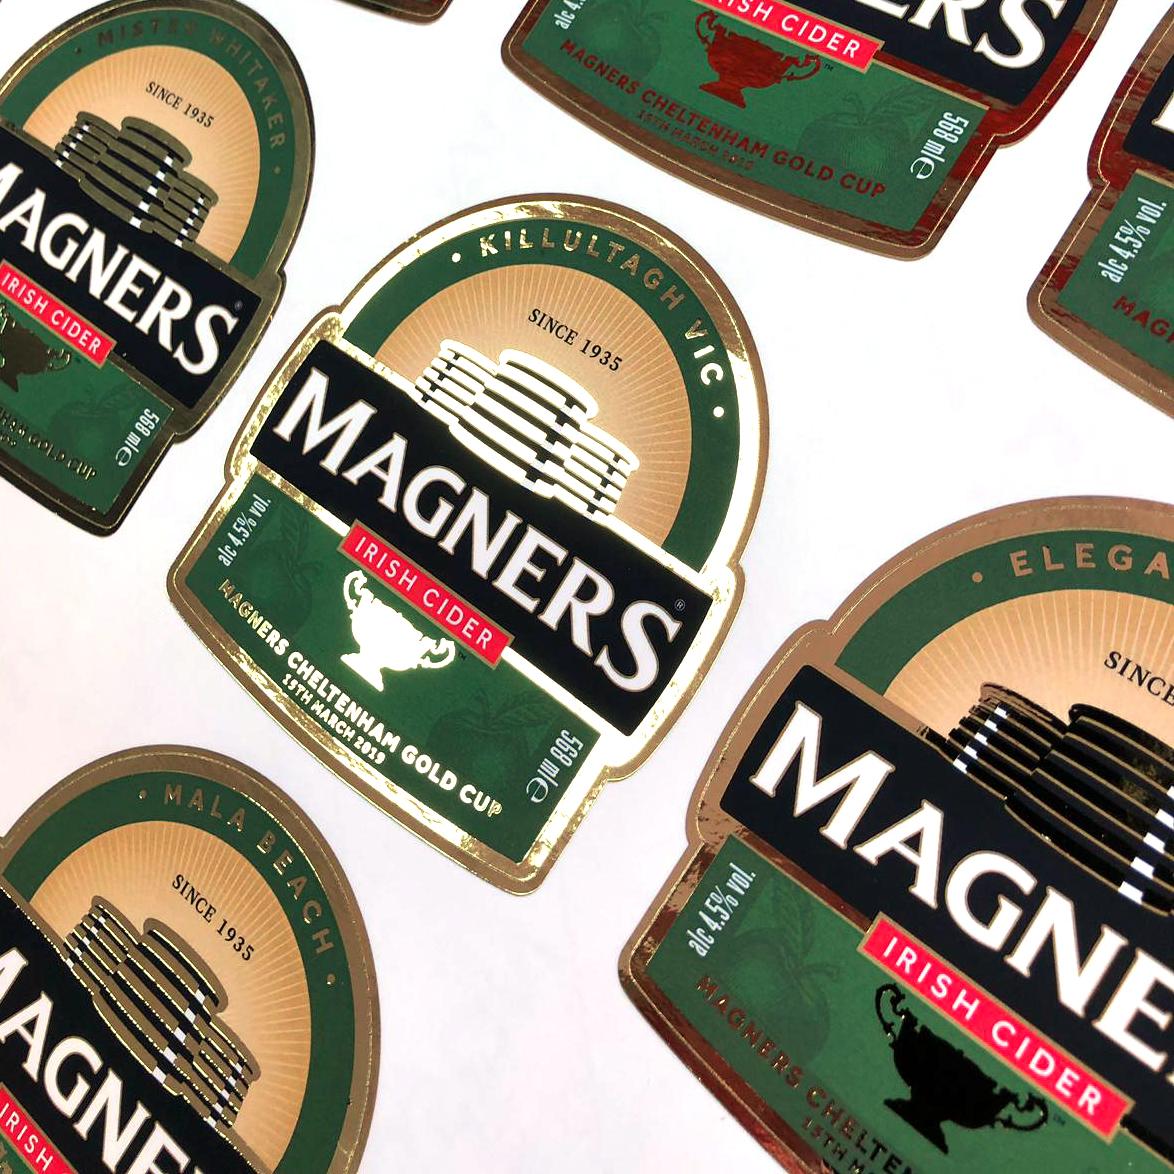 A sheet of custom cut, foil labels for Magners Cider bottles